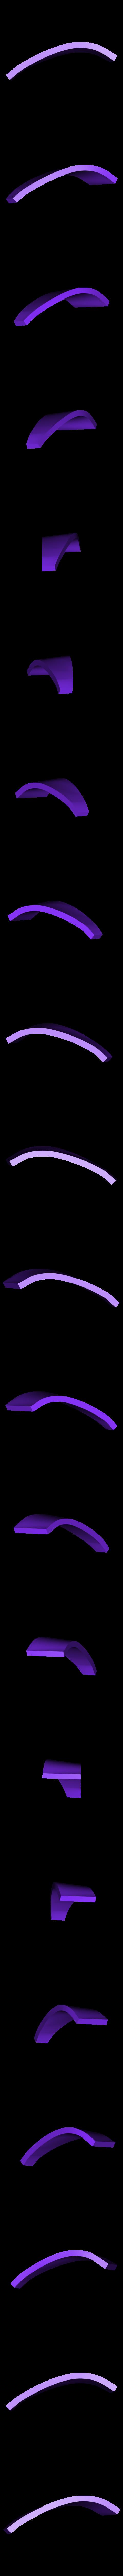 Part_4_v3.stl Download free STL file Sabine Wren Helmet Star Wars • Model to 3D print, VillainousPropShop